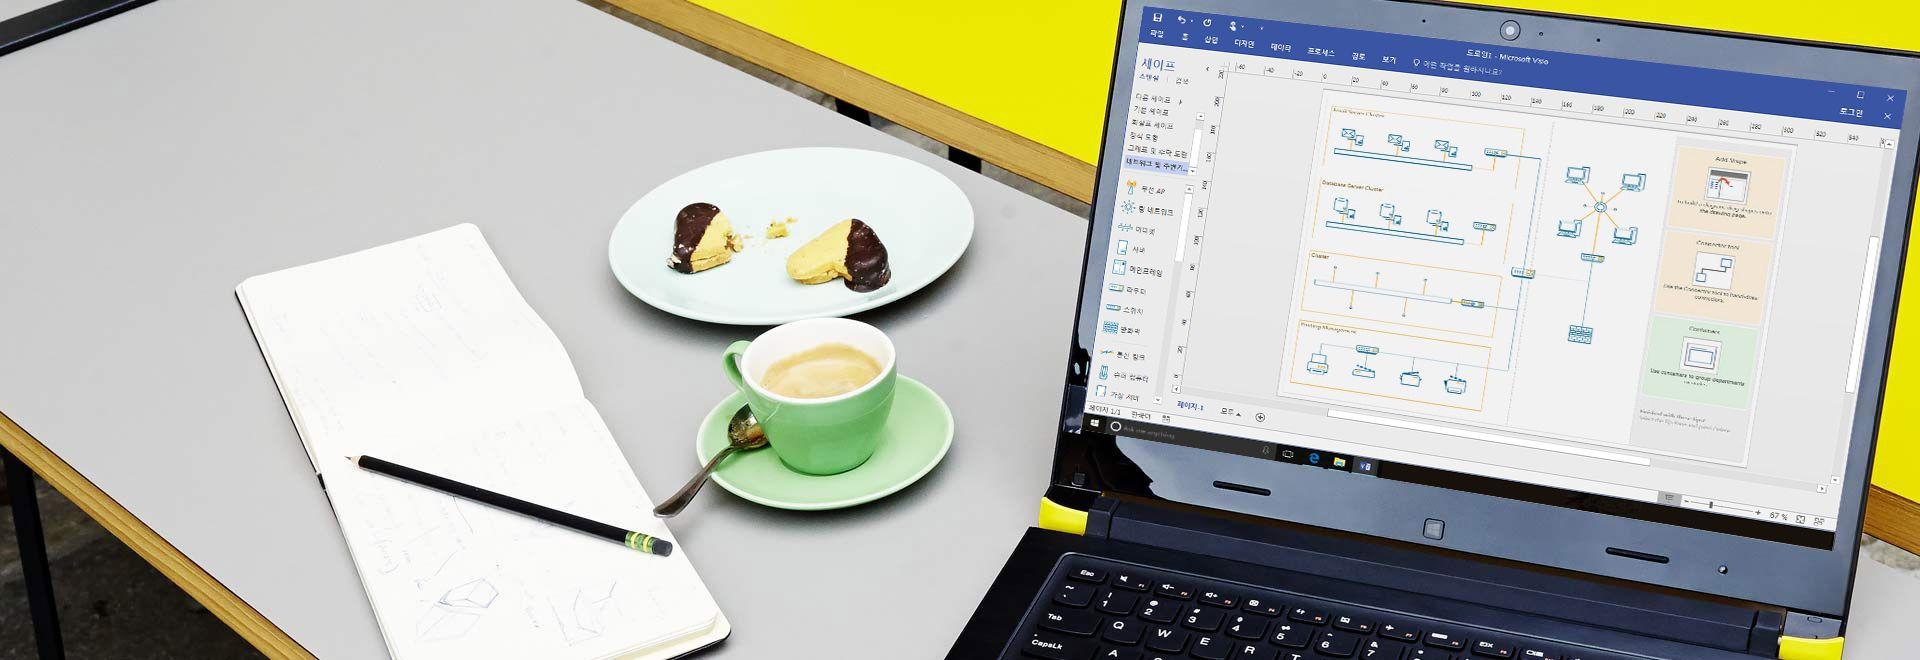 편집 리본 및 창이 포함된 Visio 다이어그램을 보여 주는, 테이블에 놓인 노트북의 클로즈업